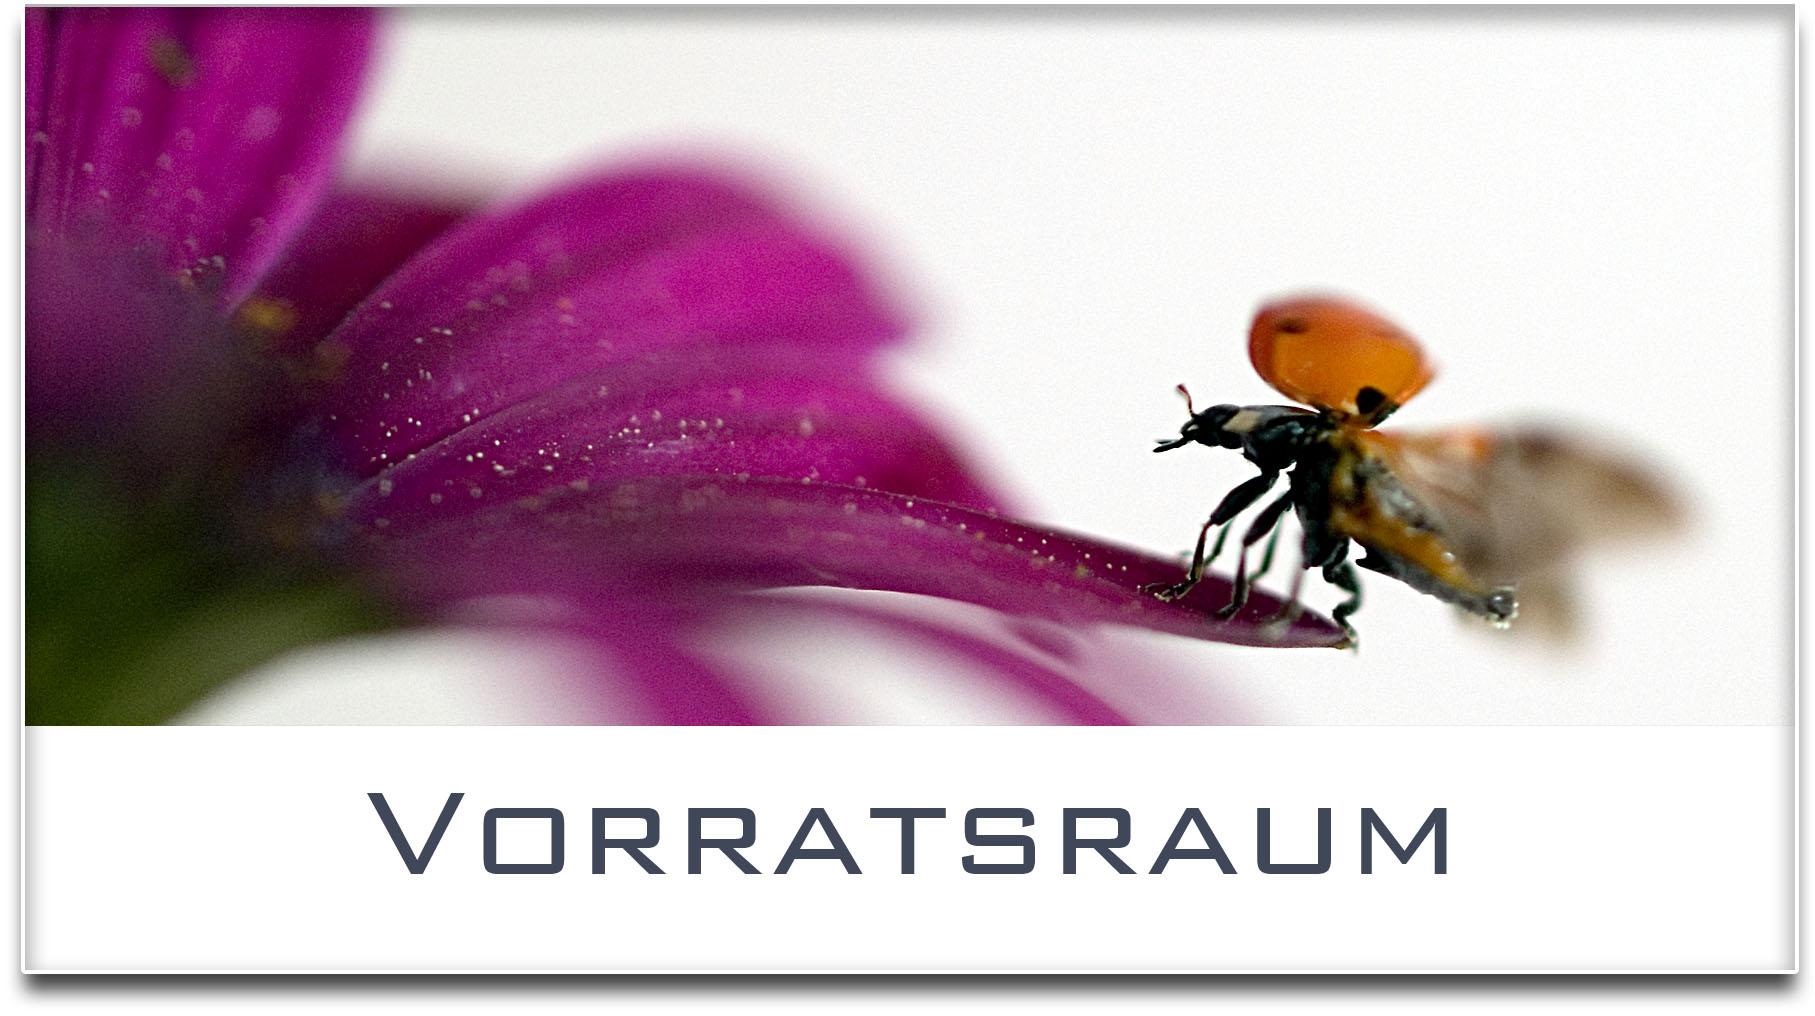 Türschild / Haustürschild / Marienkäfer / Vorratsraum / Selbstklebend